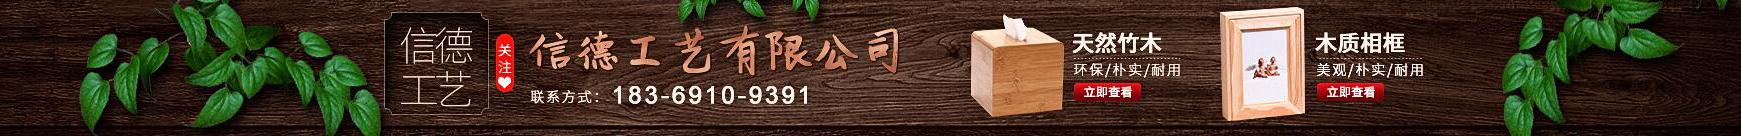 曹县信德工艺有限公司